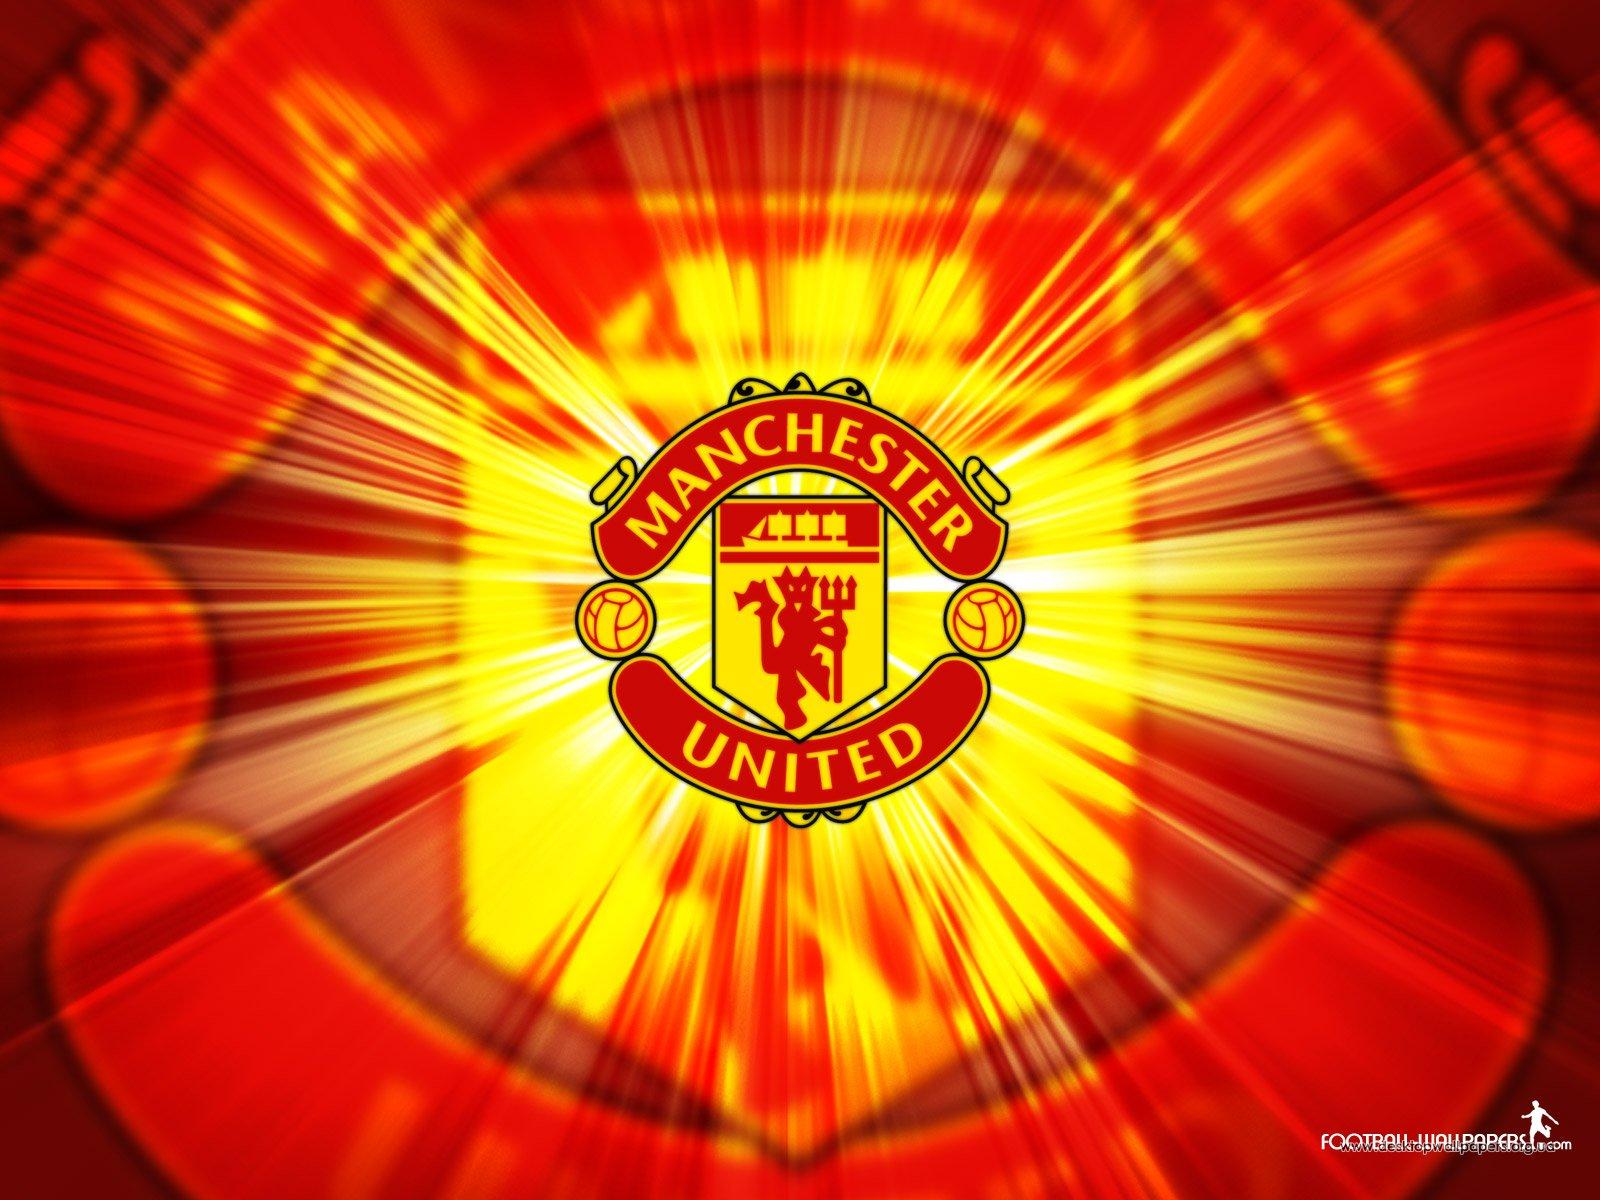 http://3.bp.blogspot.com/-HFfALuzf668/TqbLO3XjjrI/AAAAAAAACx0/W3QQaSqPBFE/s1600/Manchester_United_Logo_Wallpaper.jpg